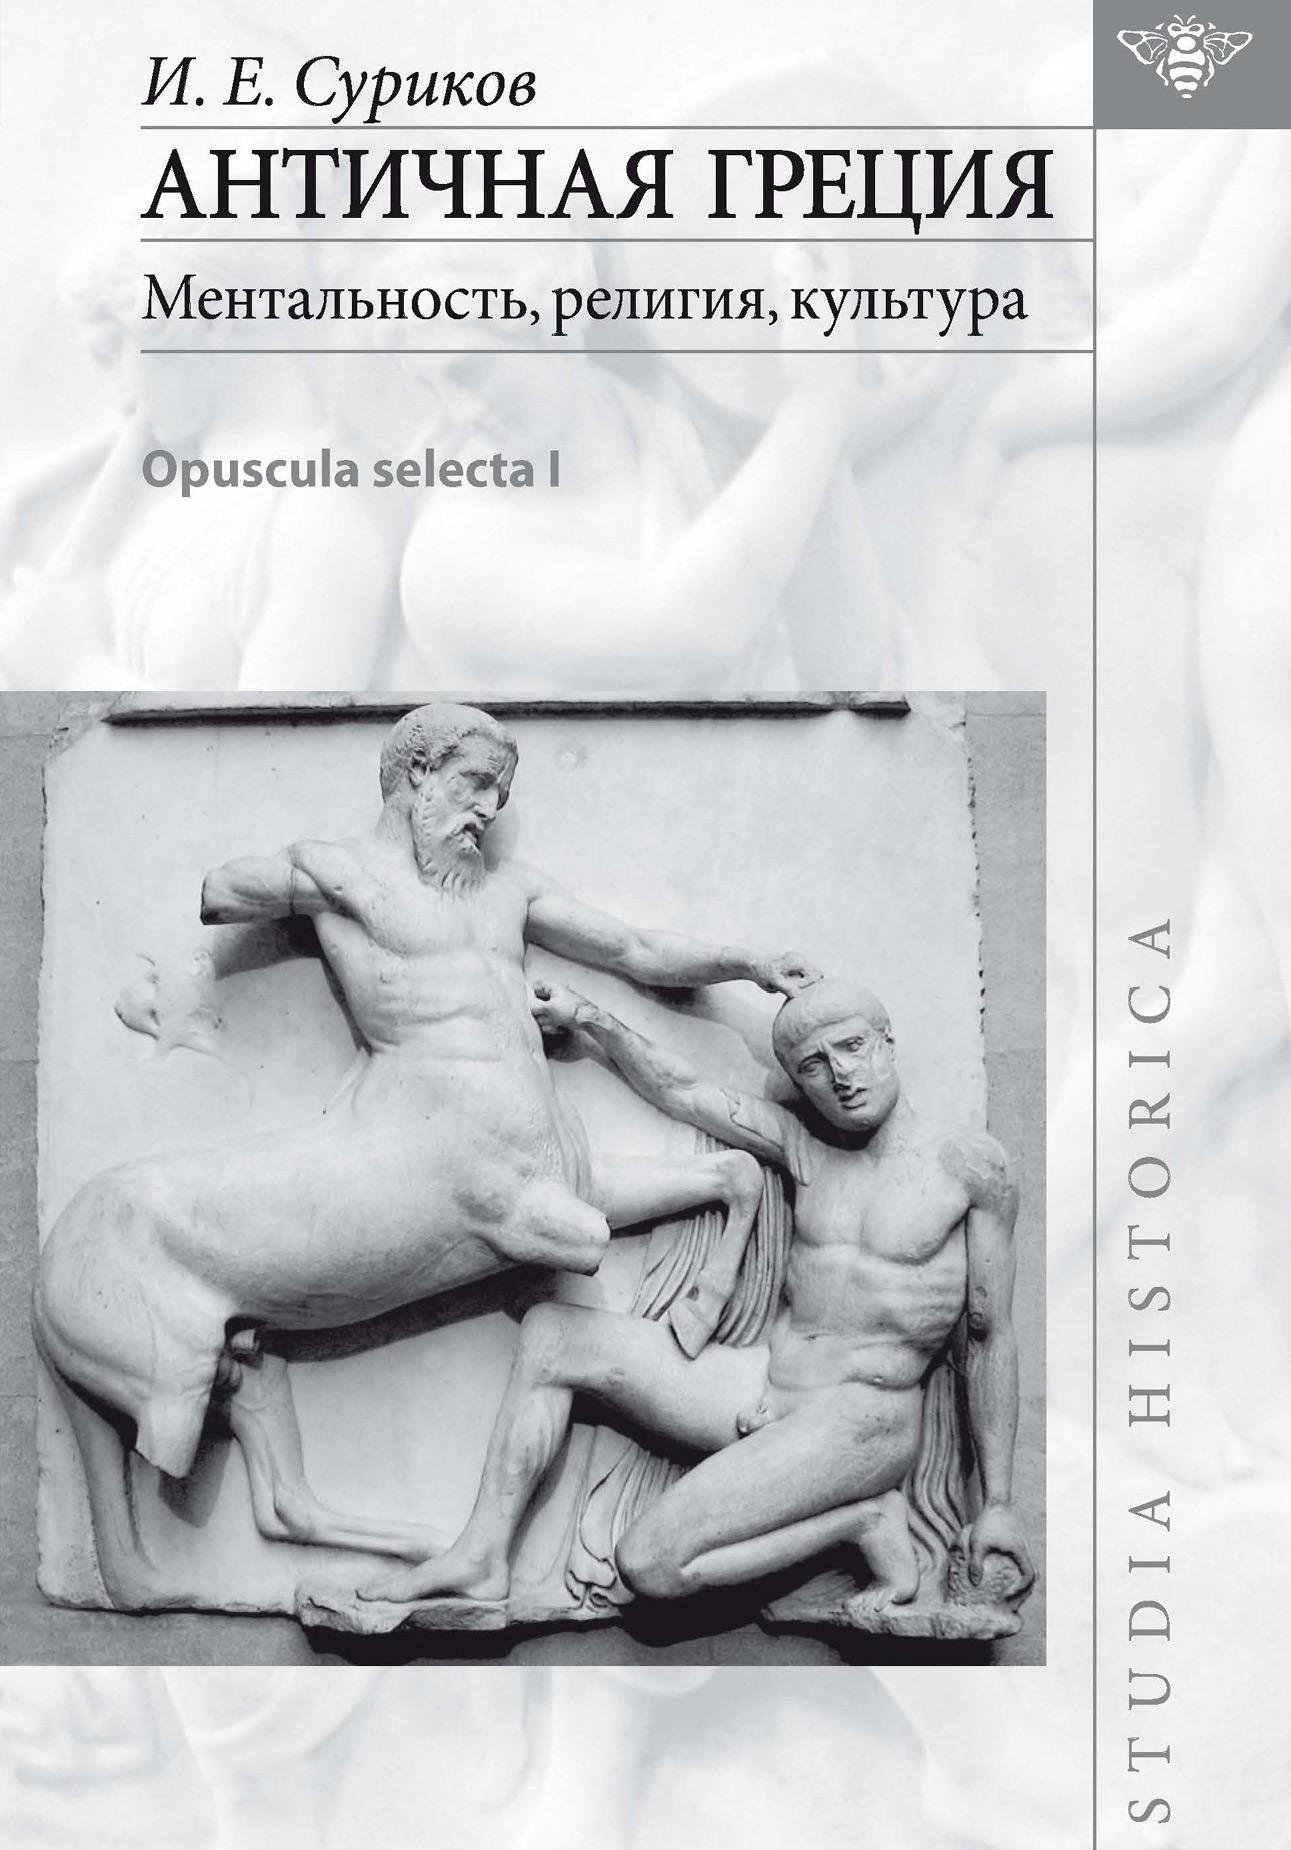 И. Е. Суриков Античная Греция: ментальность, религия, культура (Opuscula selecta I) selecta mathematica v